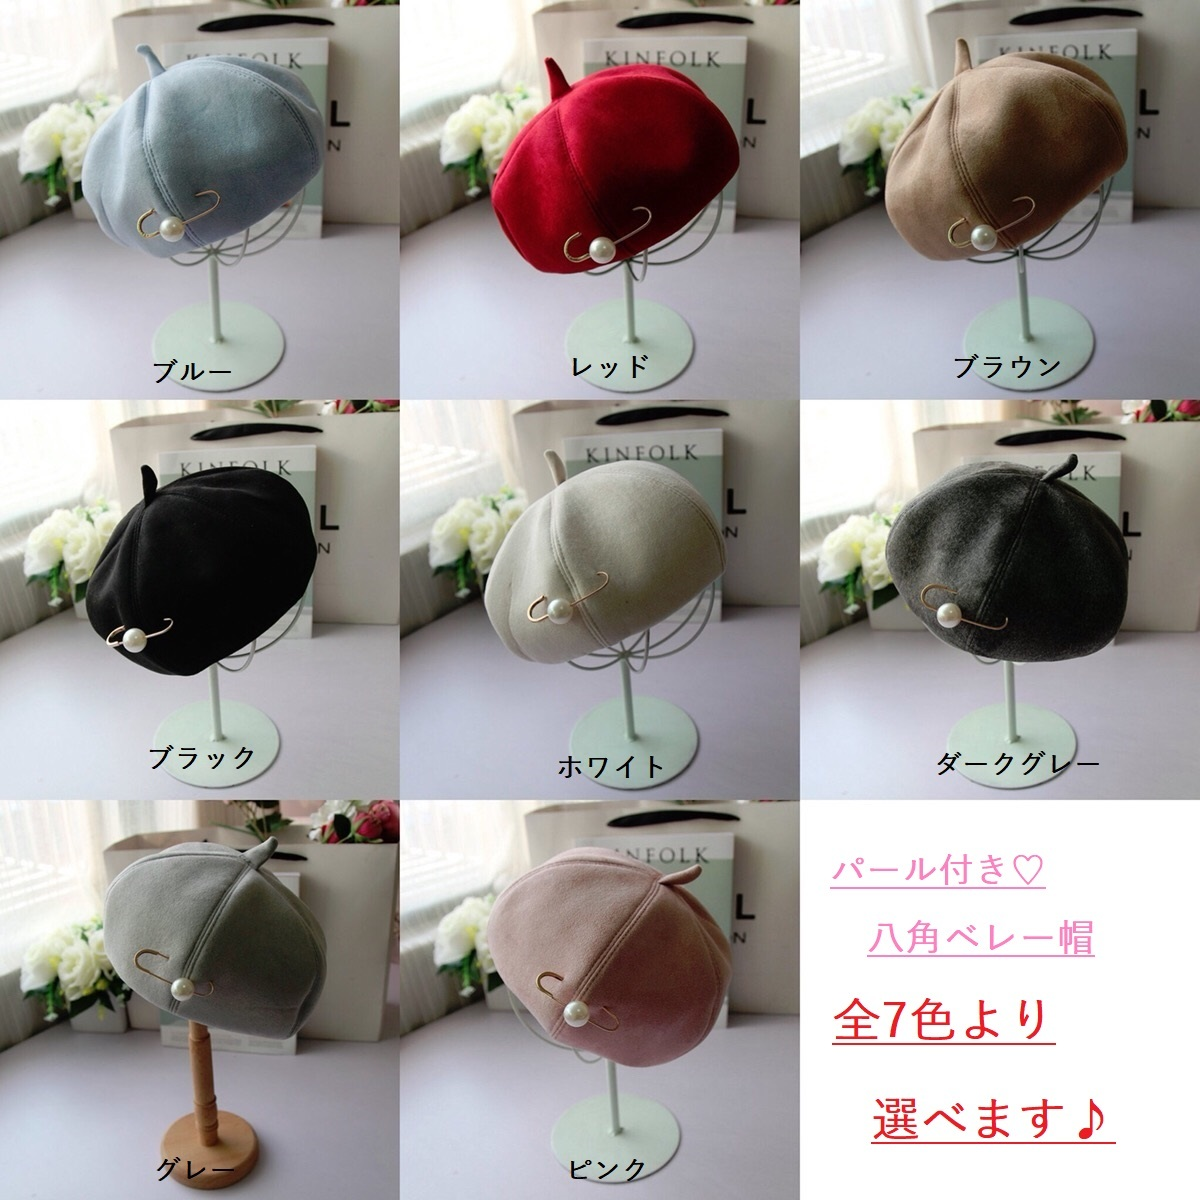 【予約販売】キッズ ベレー帽 パールピン付き ハット 帽子 子供帽子 八角 新作 秋物 冬物